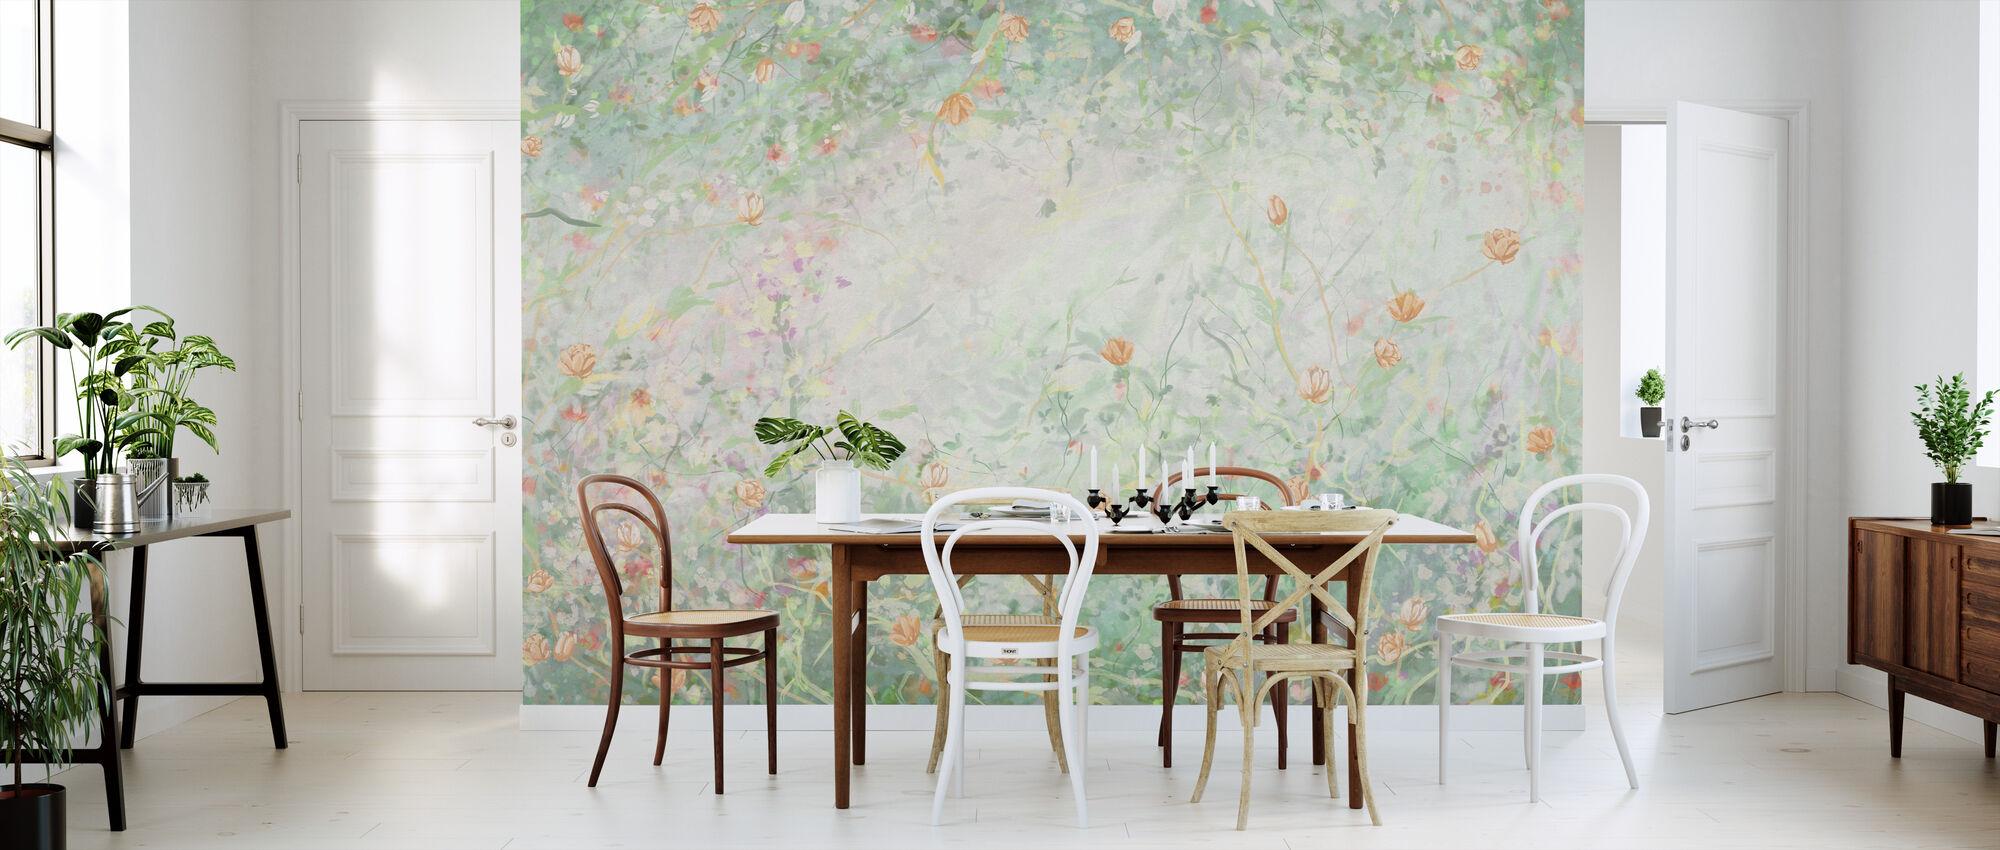 Bentle blomster - Lysegrøn - Tapet - Kjøkken